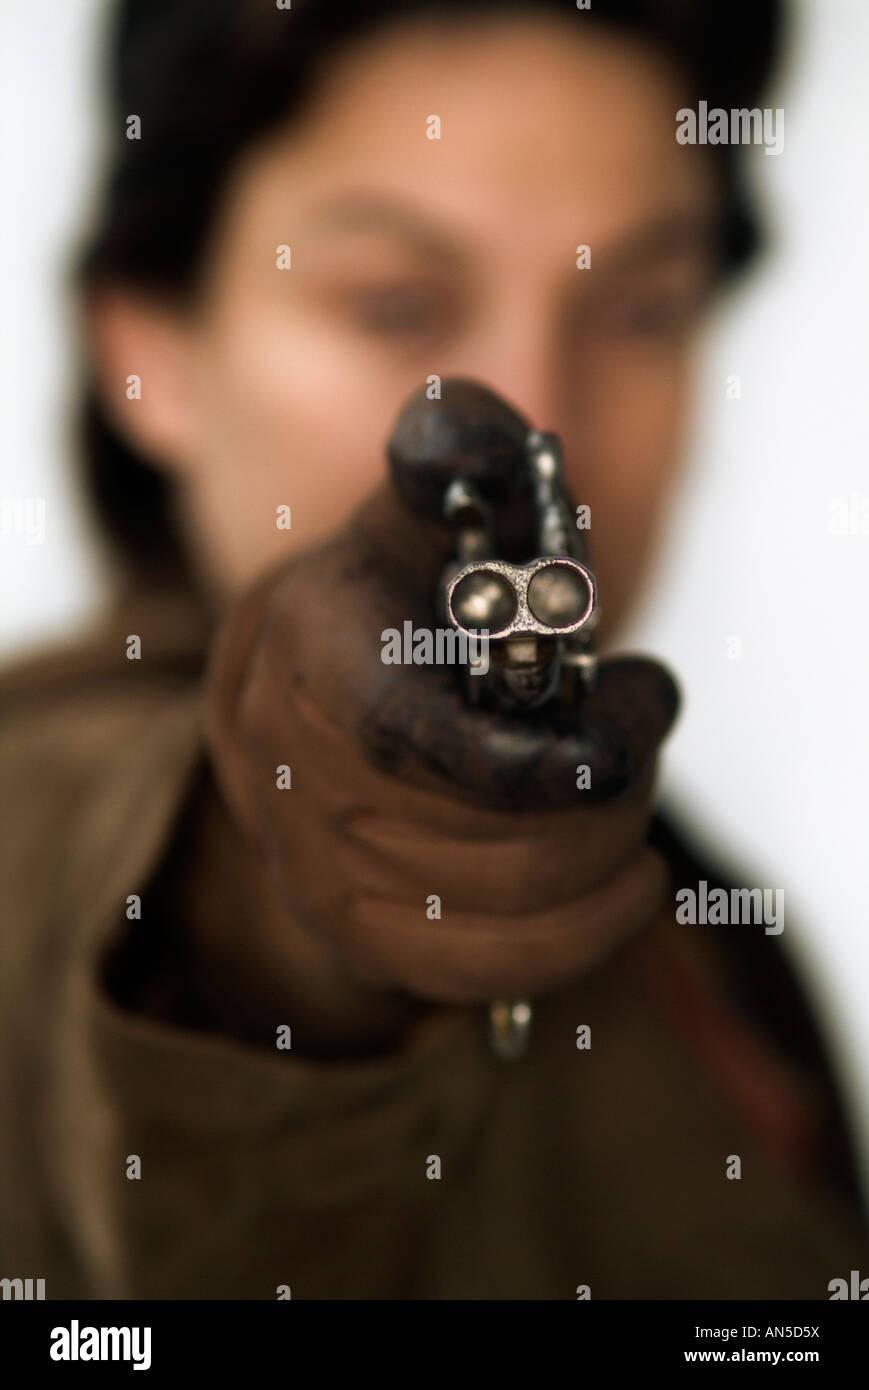 Unerkennbar Person mit dem Ziel, die Kamera mit einer doppelläufigen Pistole Stockfoto